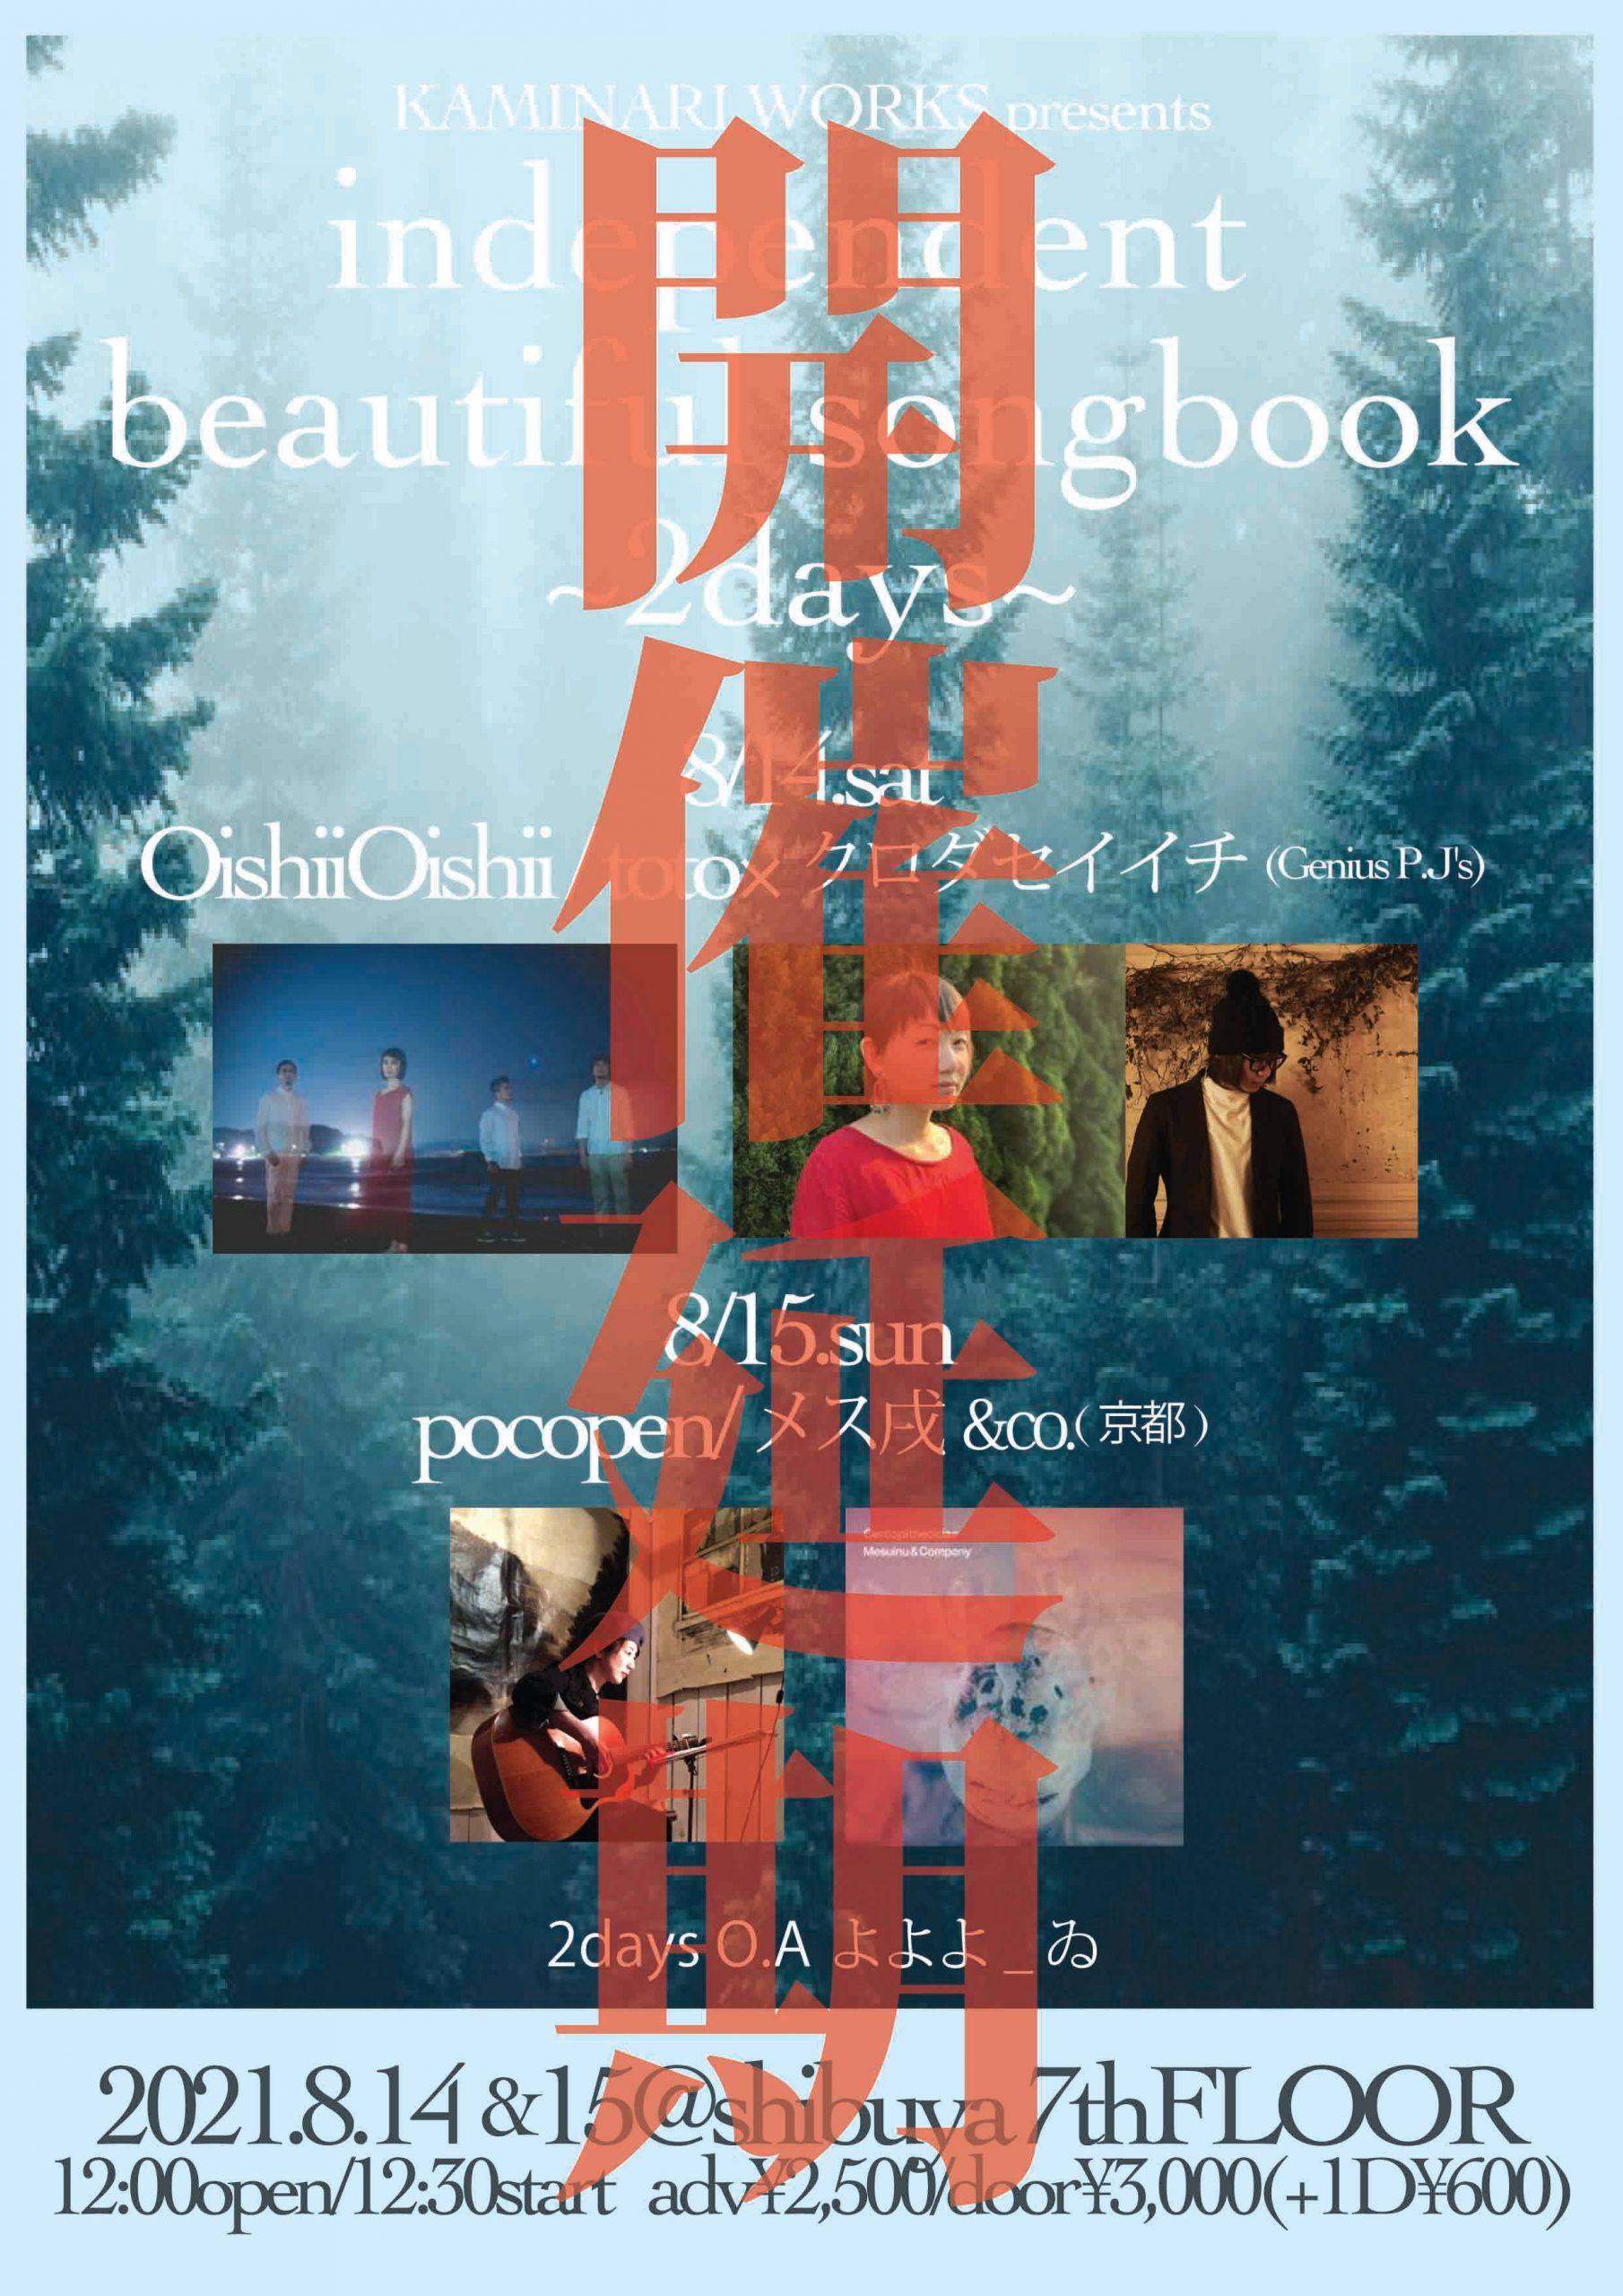 【開催延期】KAMINARI WORKS presents 『independent beautiful songbook2days-①』